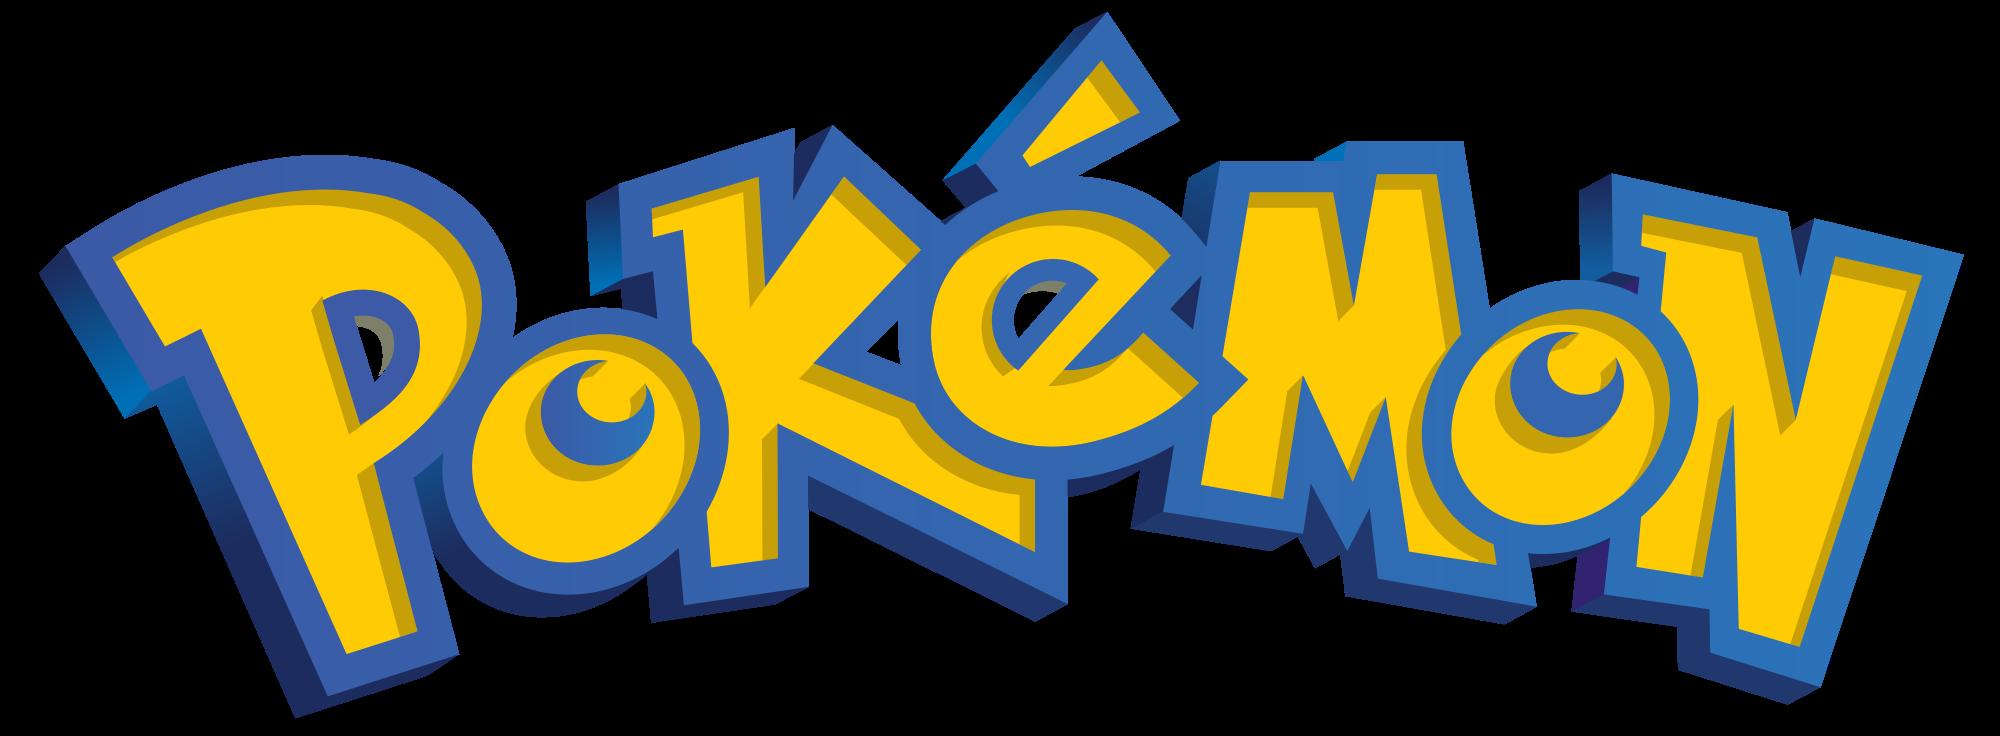 Pokemon Logo.png - Pokemon HD PNG